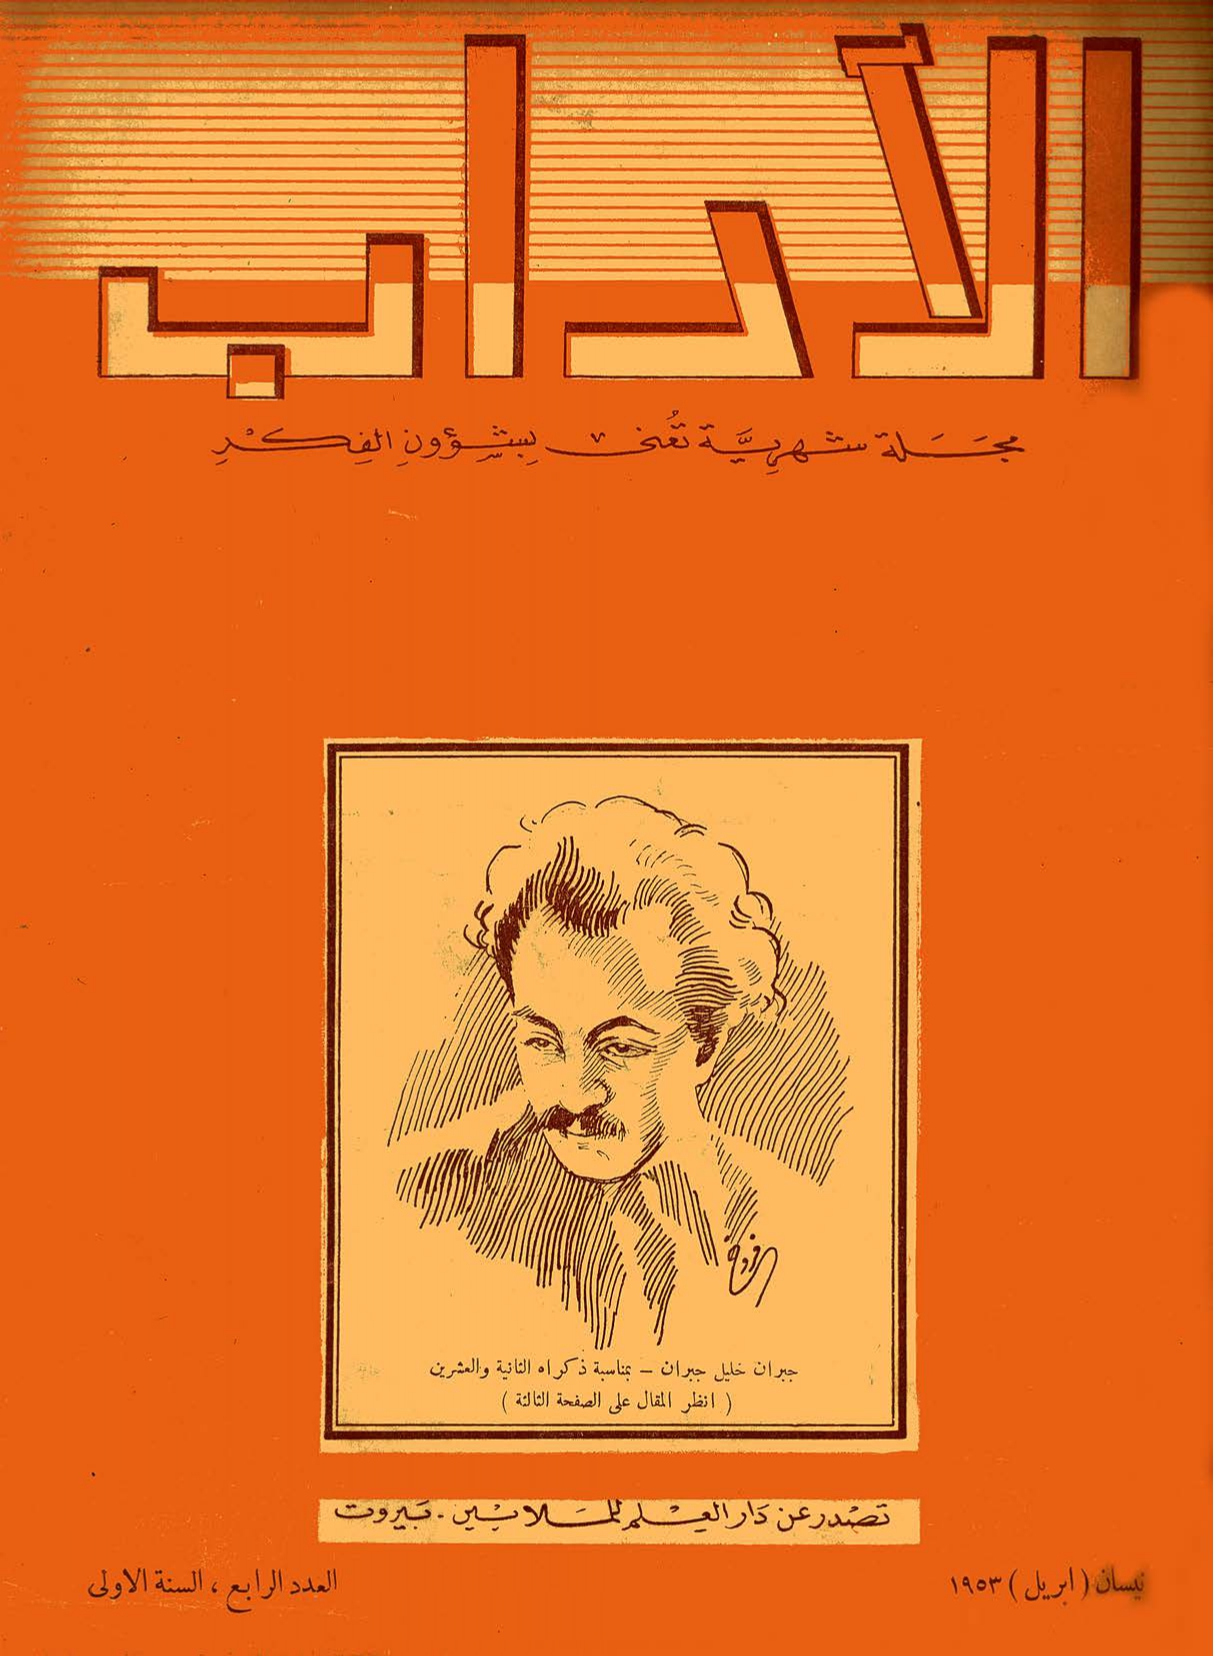 Al-Adab, Vol. 1, Nr. 4, 1953.